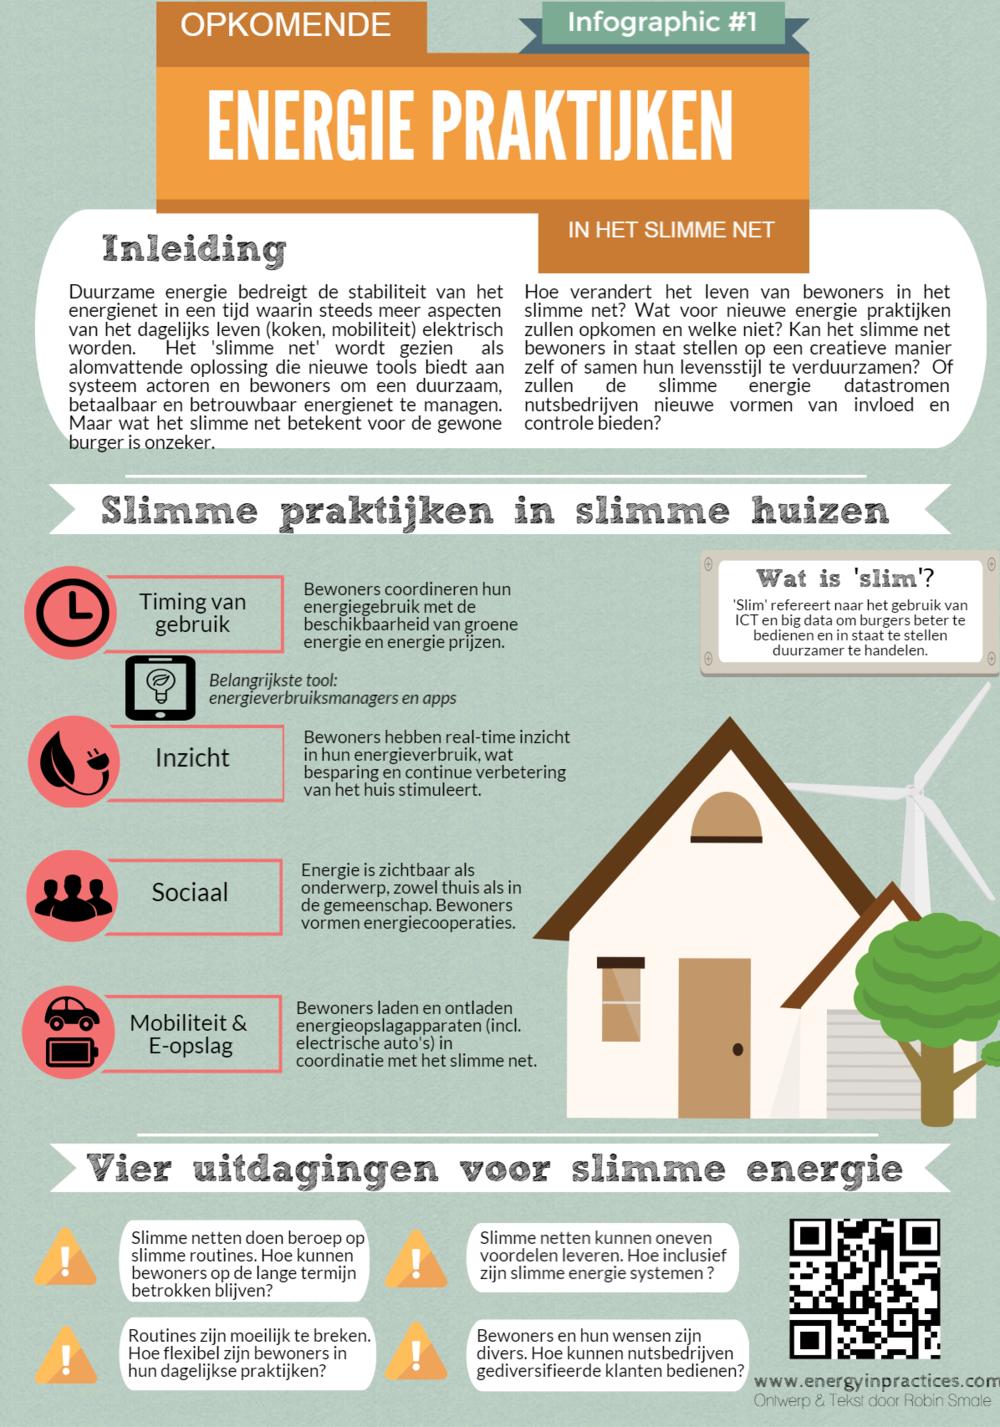 Infographic #2: Inleiding en probleem beschrijving. Ontwerp en tekst door robin smale